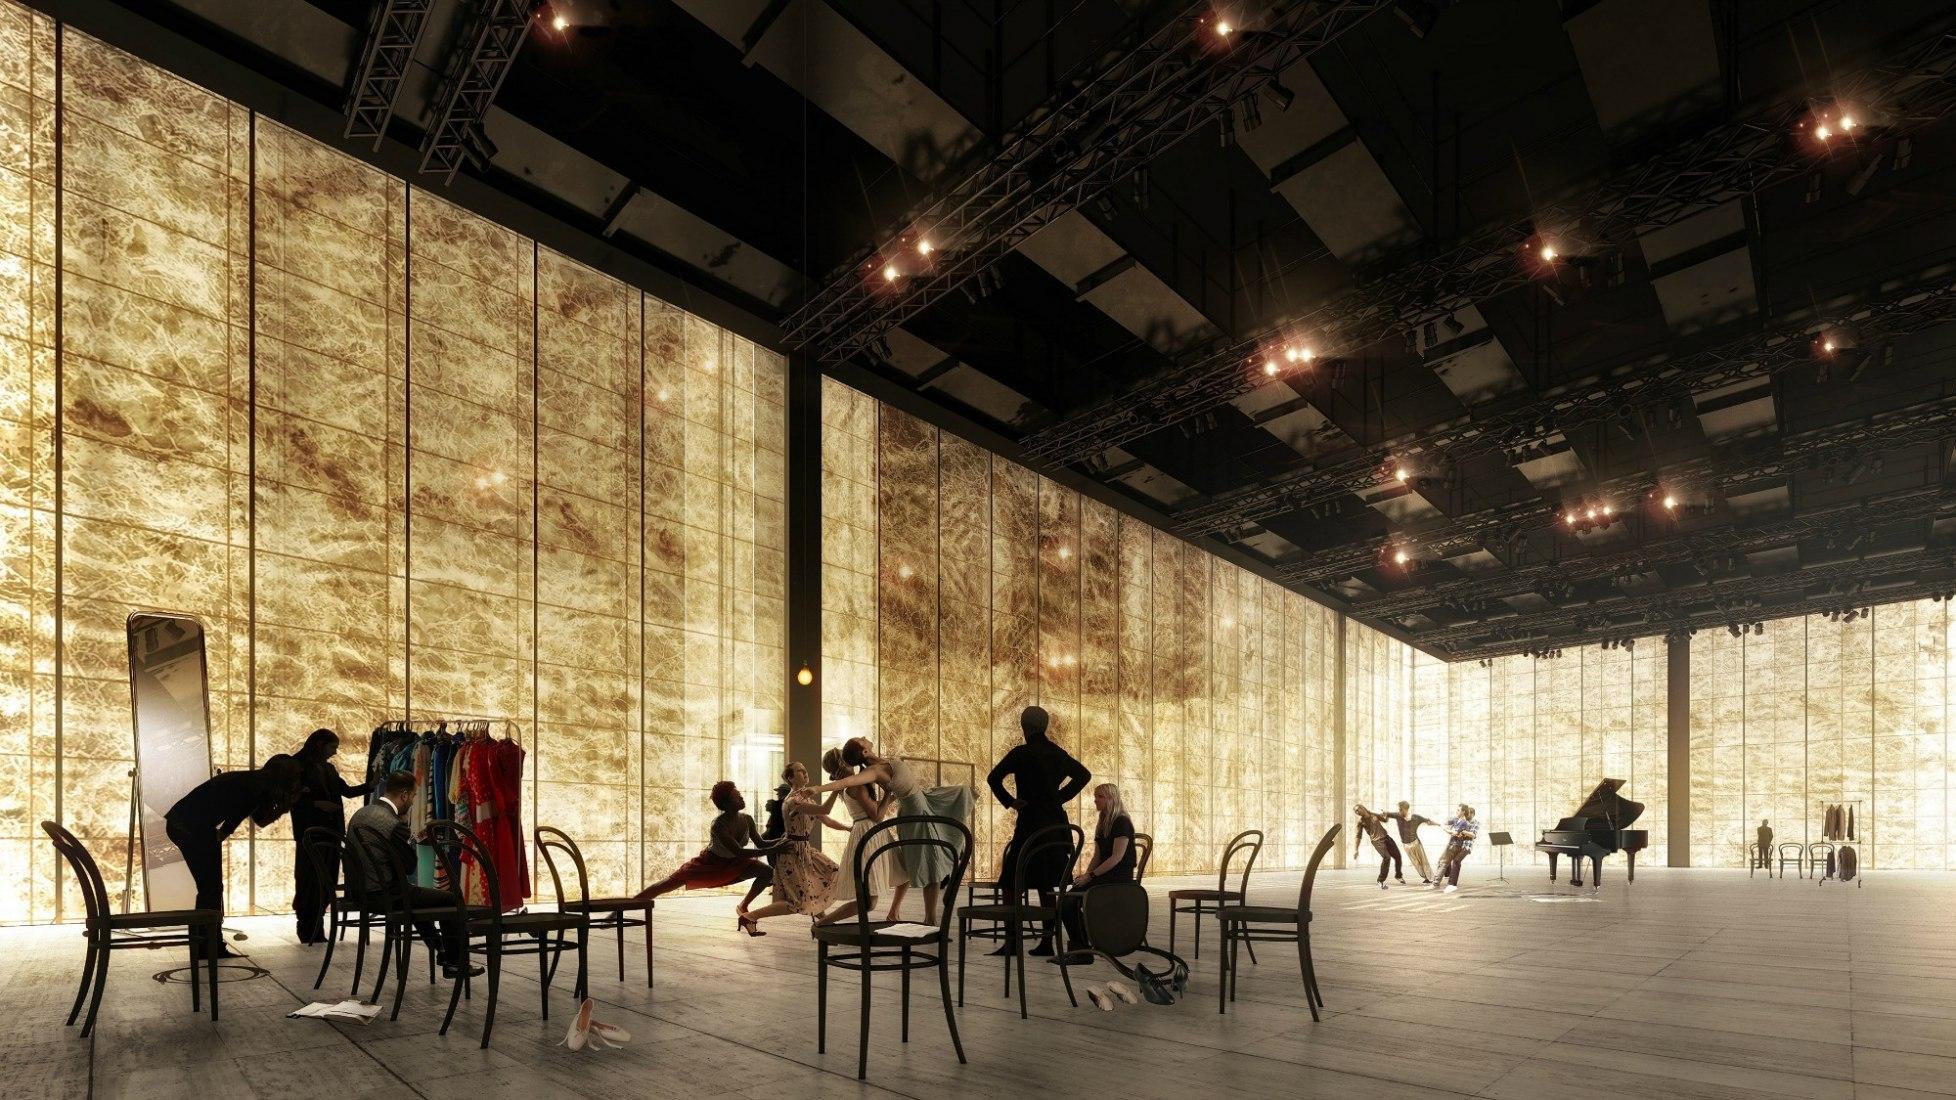 Sala de ensayos. Visualización. Centro de Artes Escénicas World Trade Center por REX. Fotografía © LUXIGON.